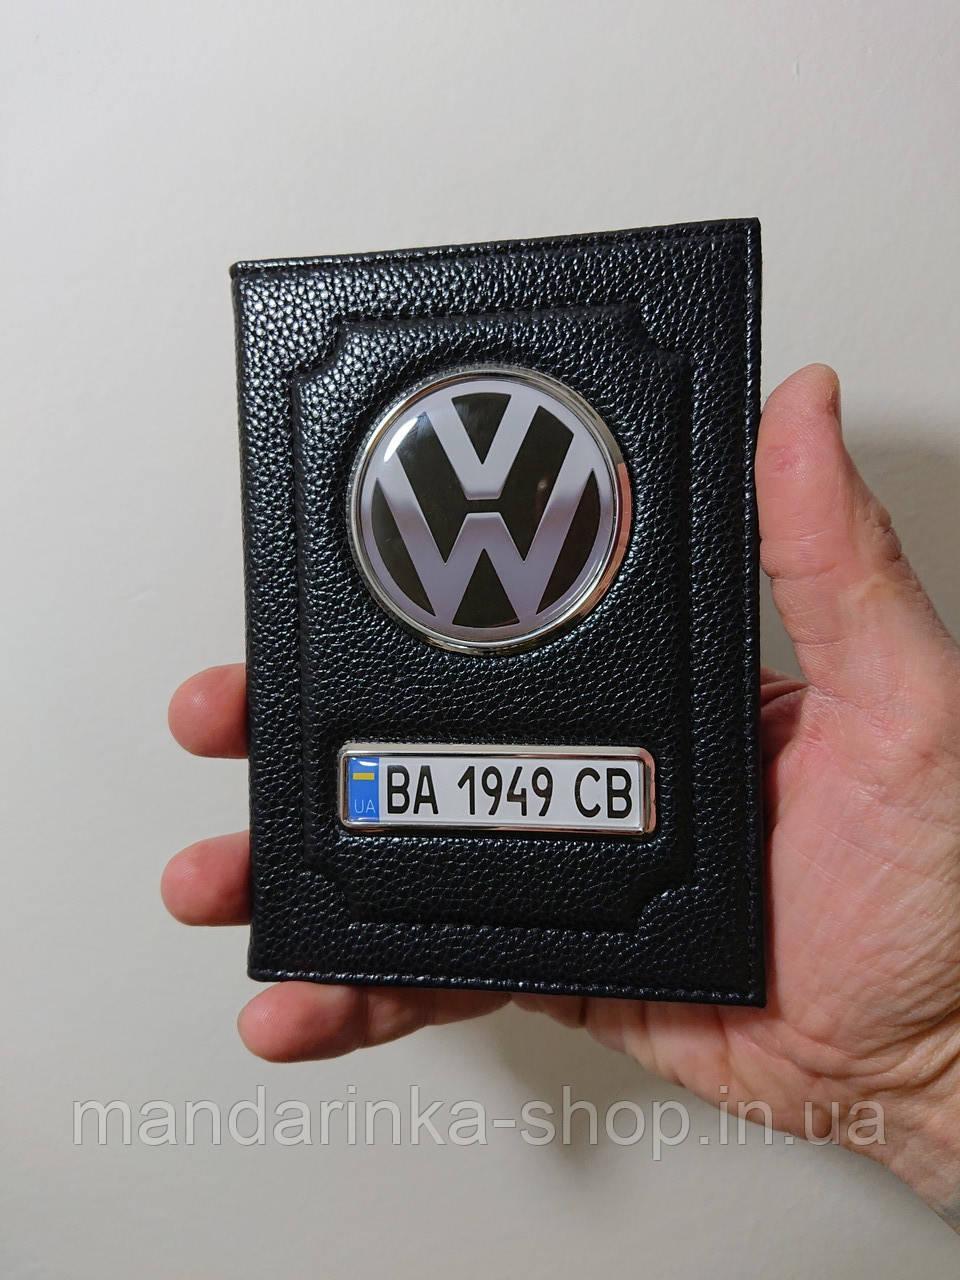 Обложка гос. номер Volkswagen